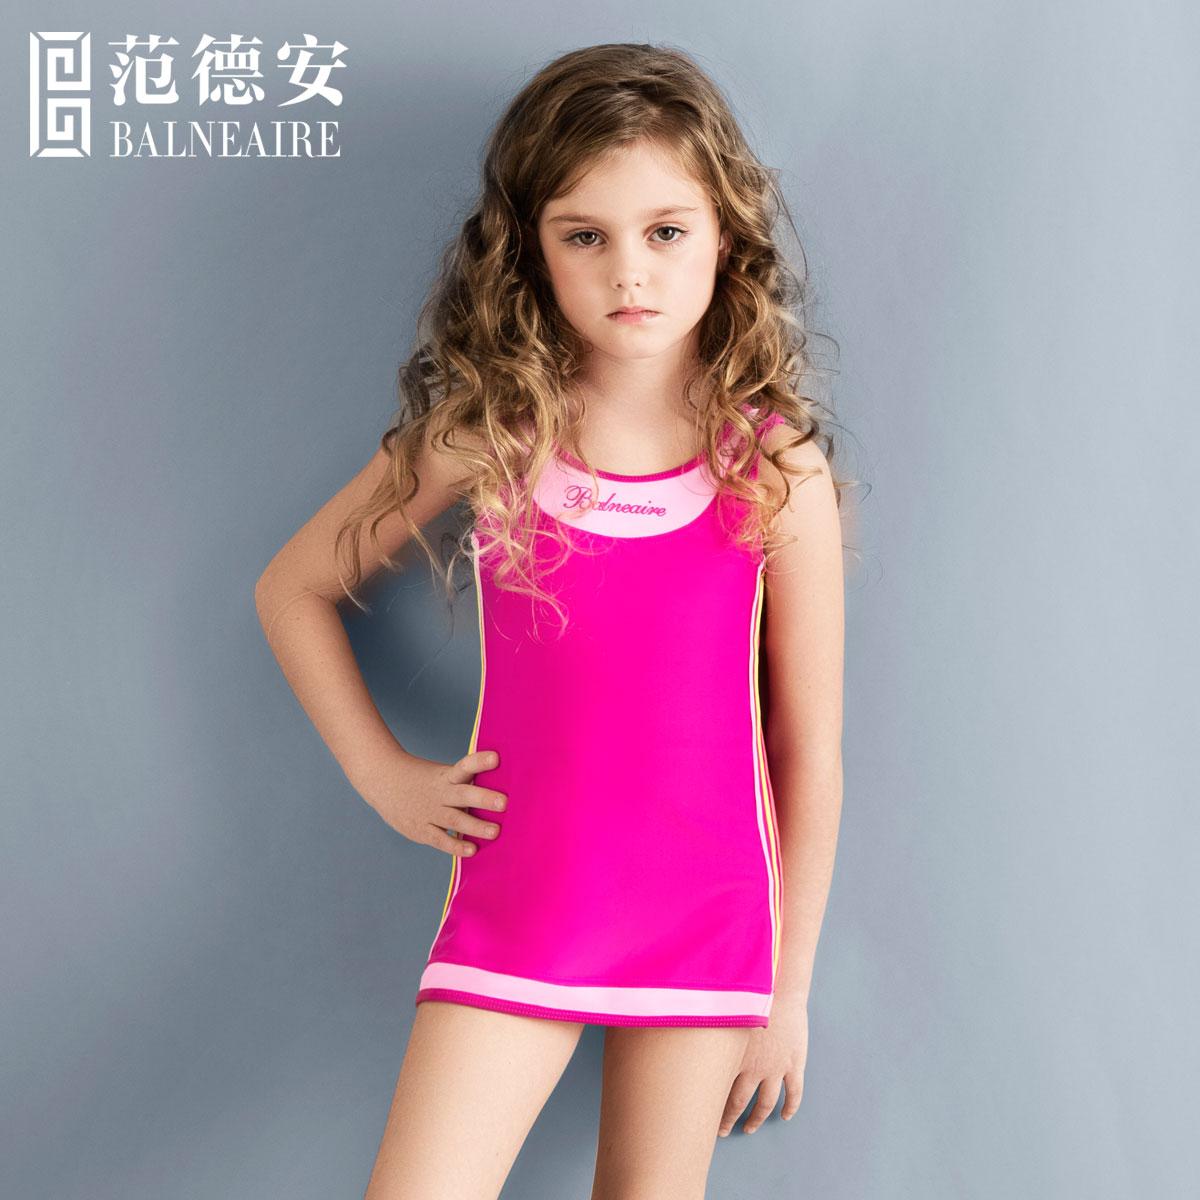 Девочки фото модели 8-12 лет